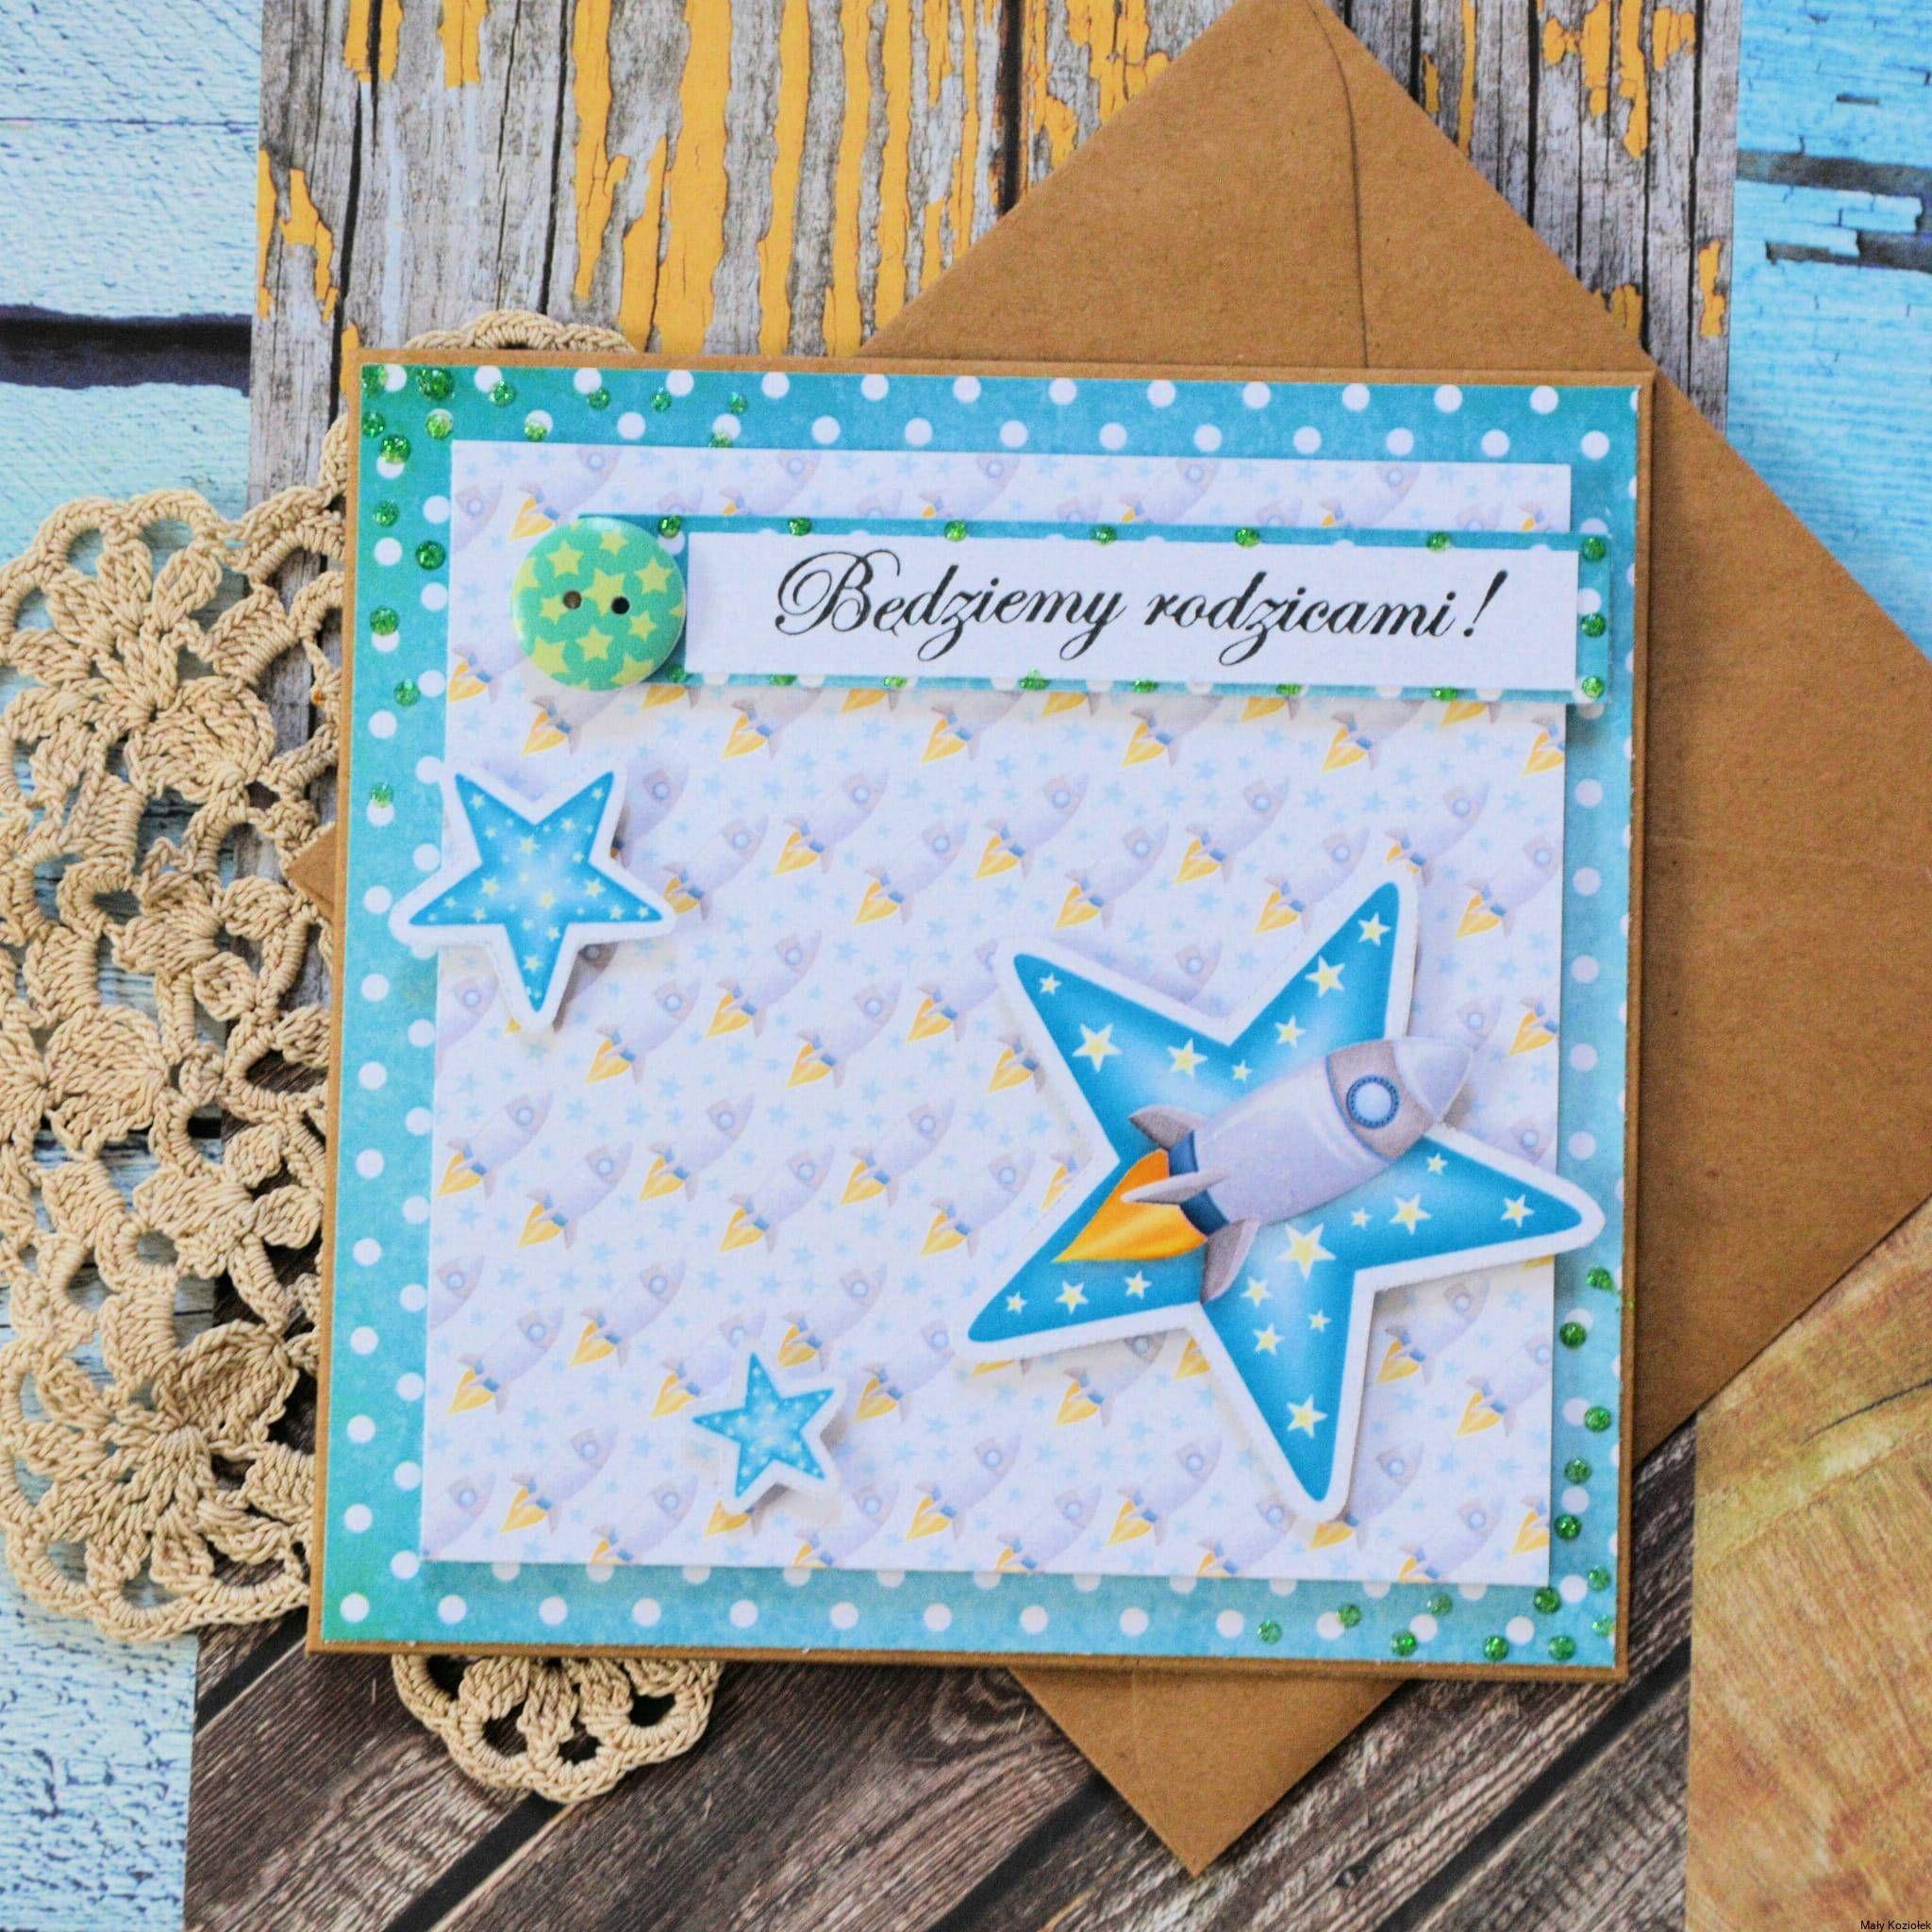 Kartka Bedziemy Rodzicami Scrapbooking Cards Greetings